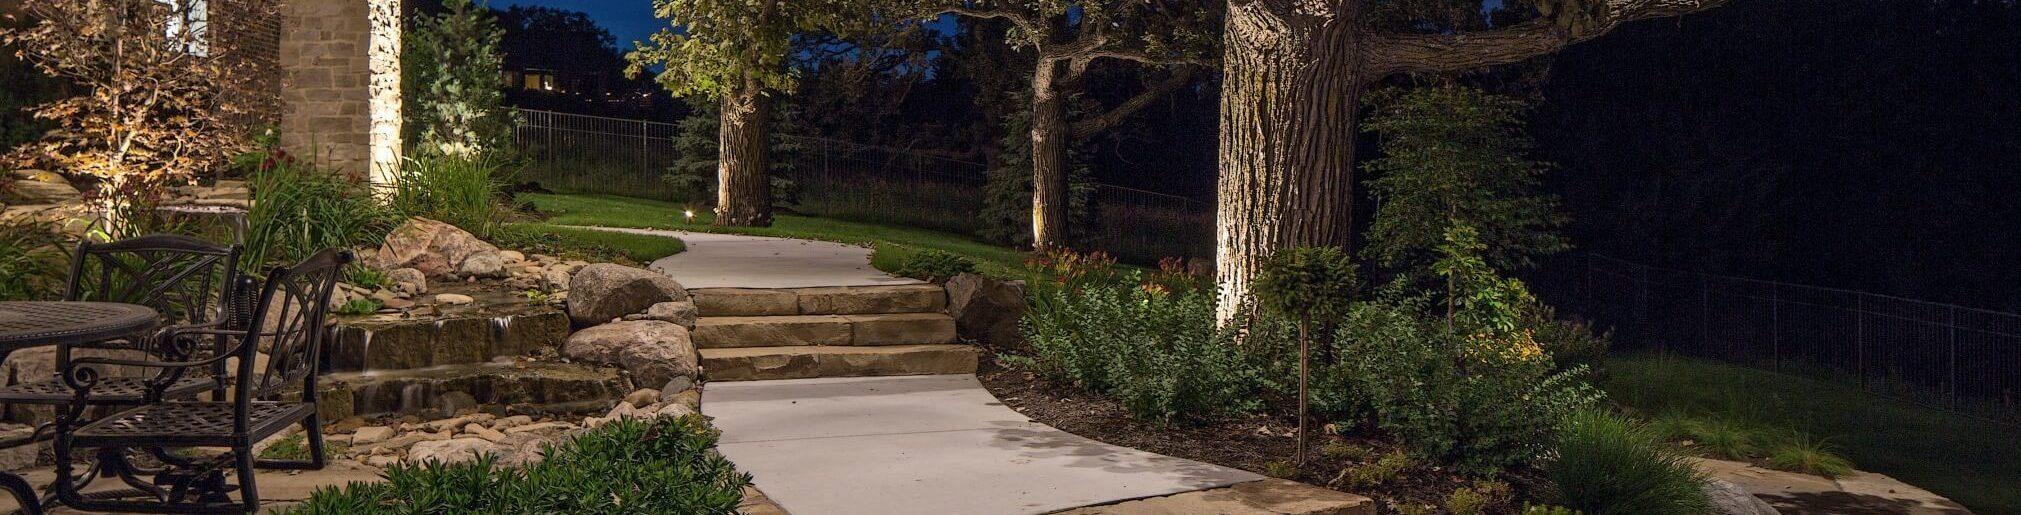 Residential Landscape Lighting Omaha NE